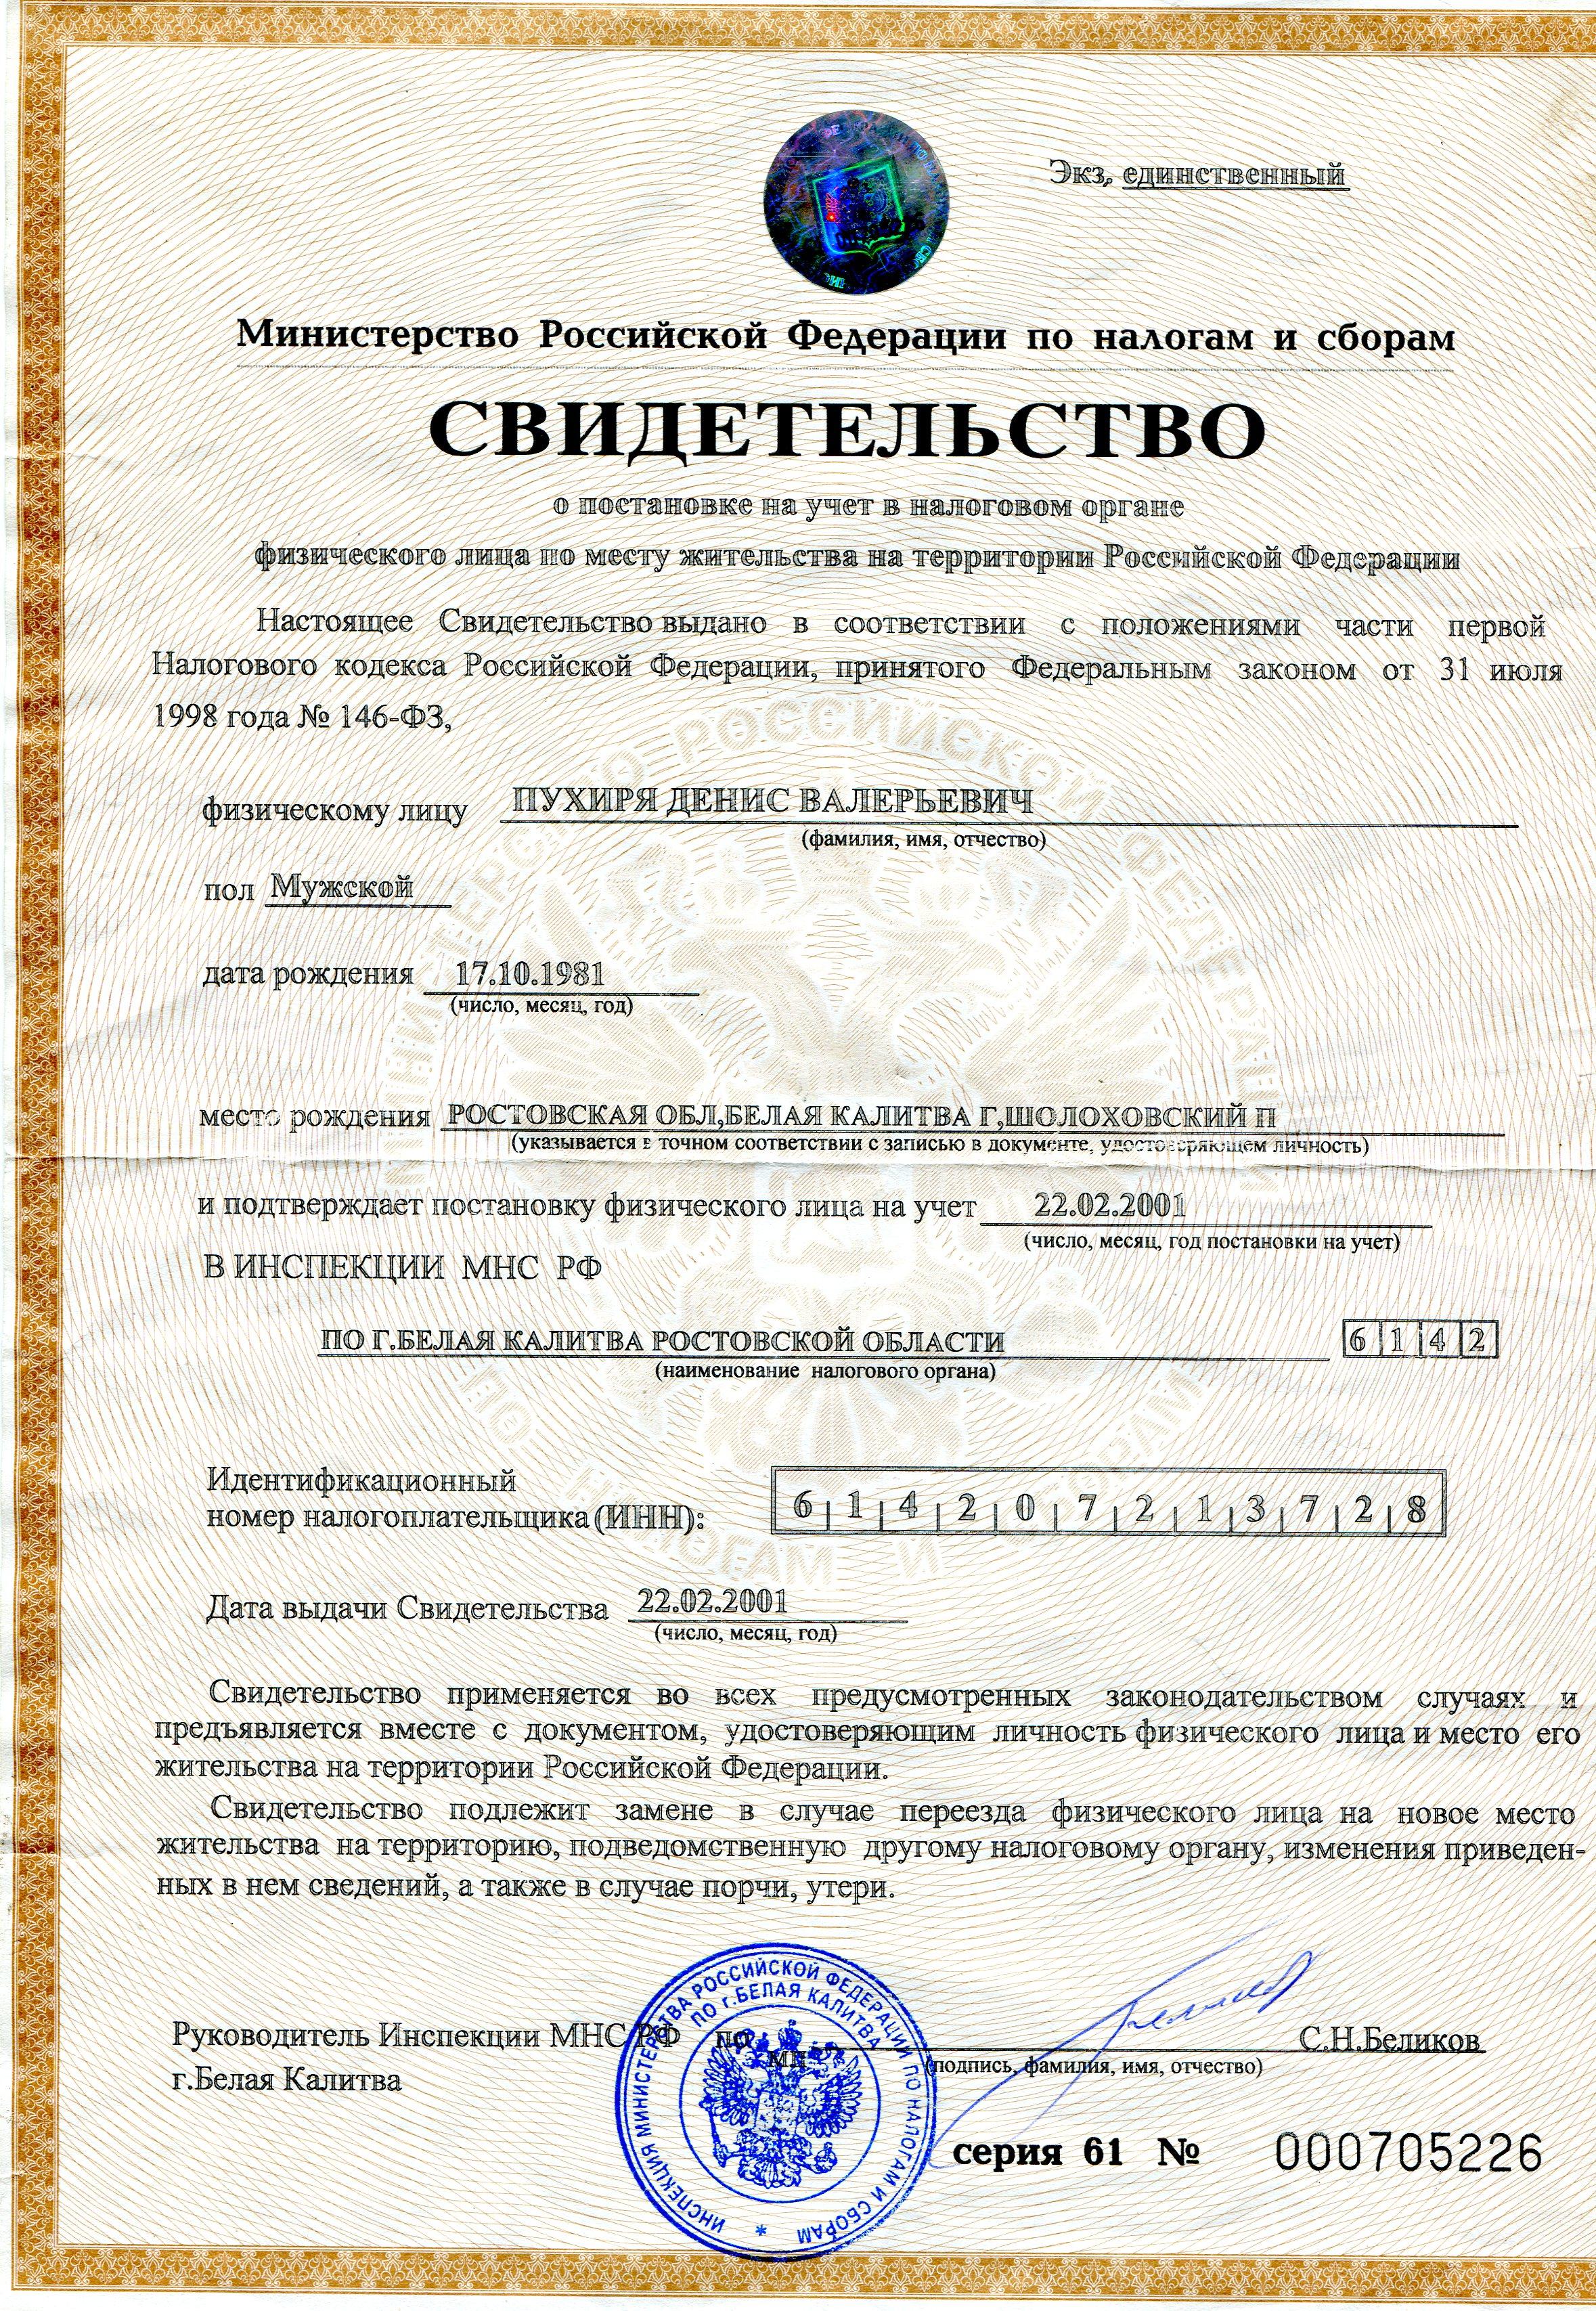 Свидетельство о постановке на учет в налоговом органе РФ